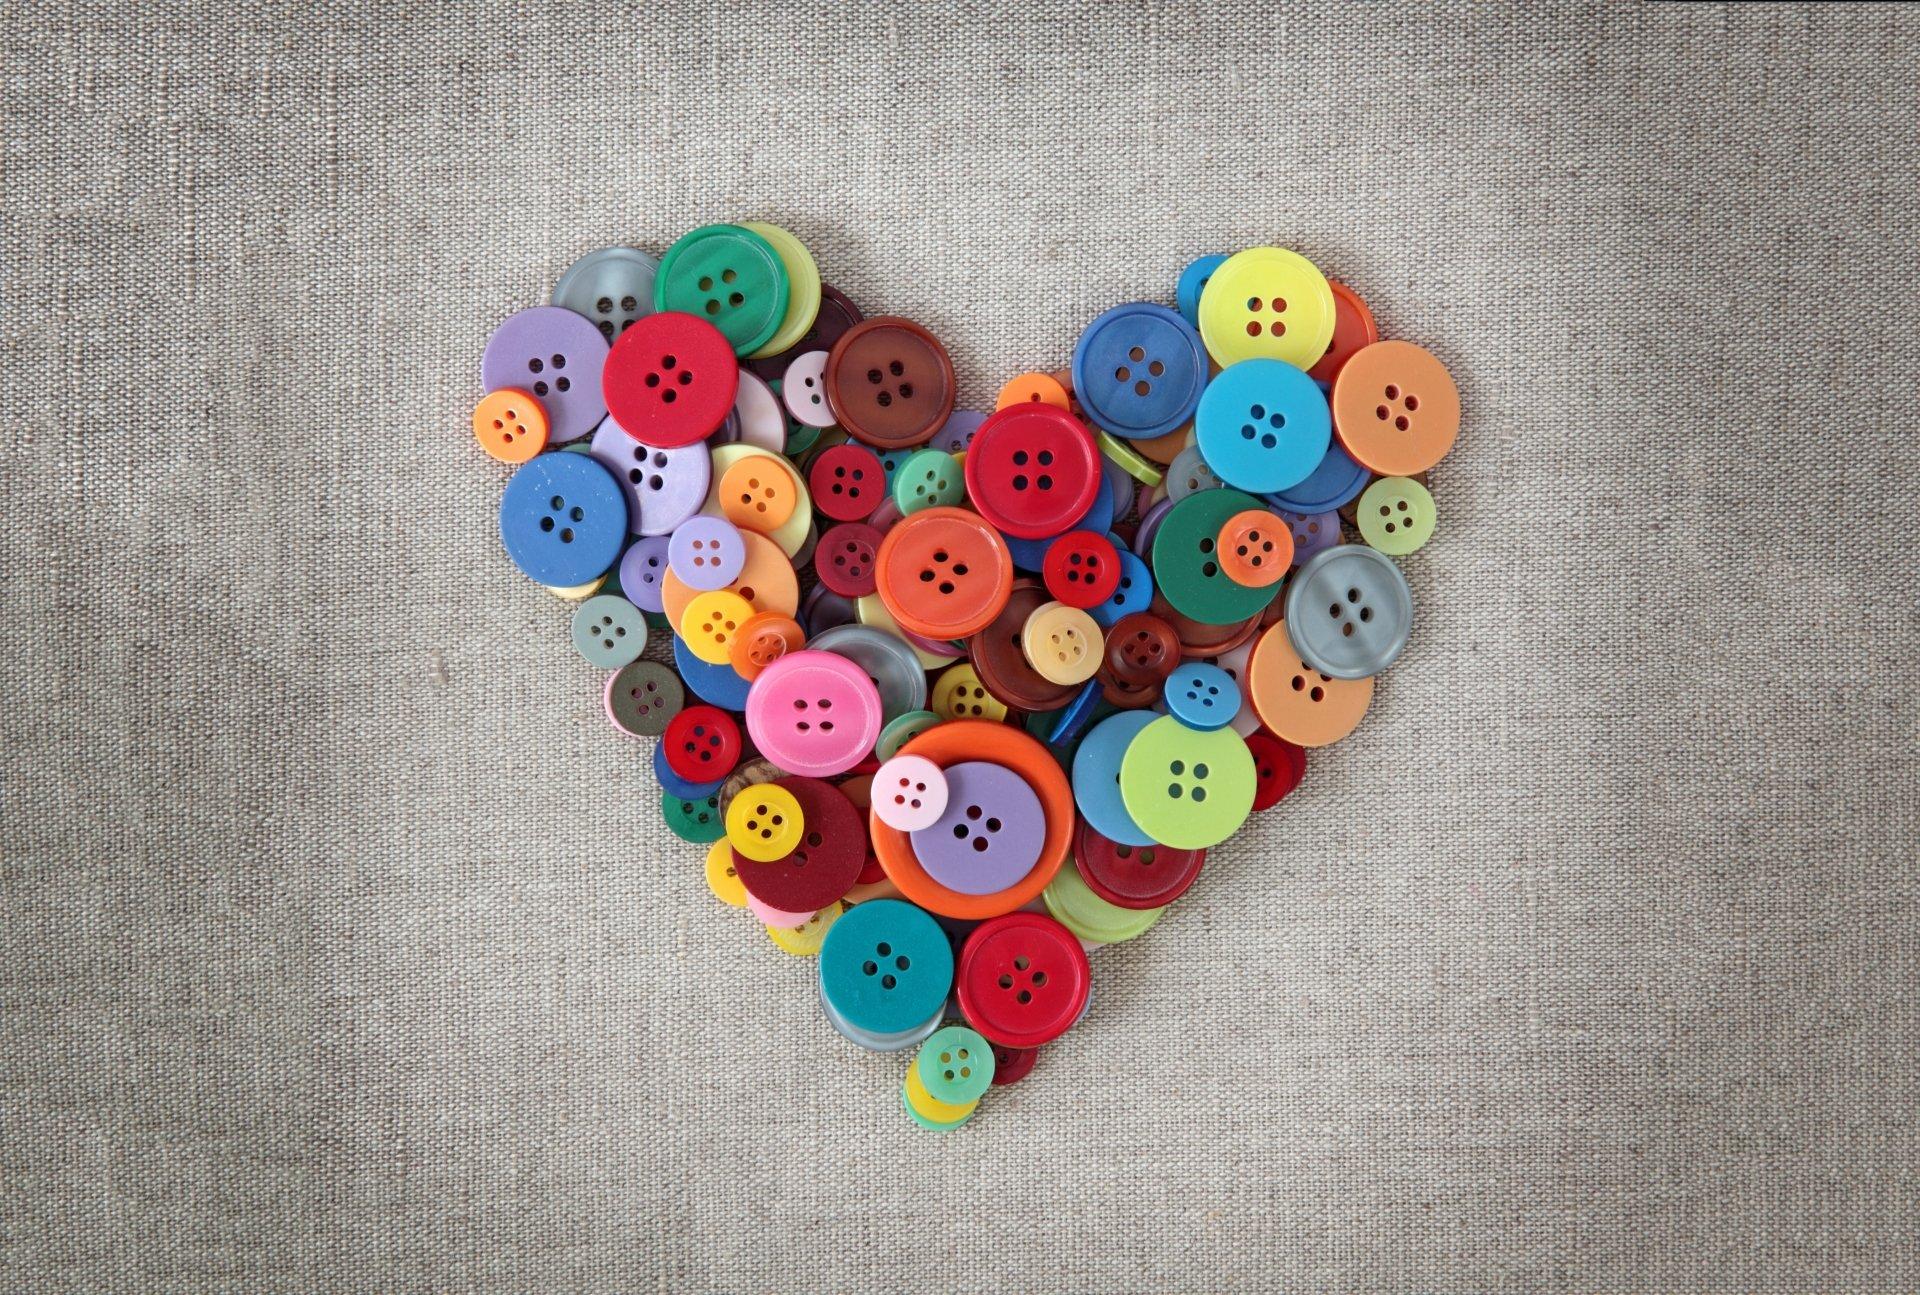 Artistic - Heart  Wallpaper